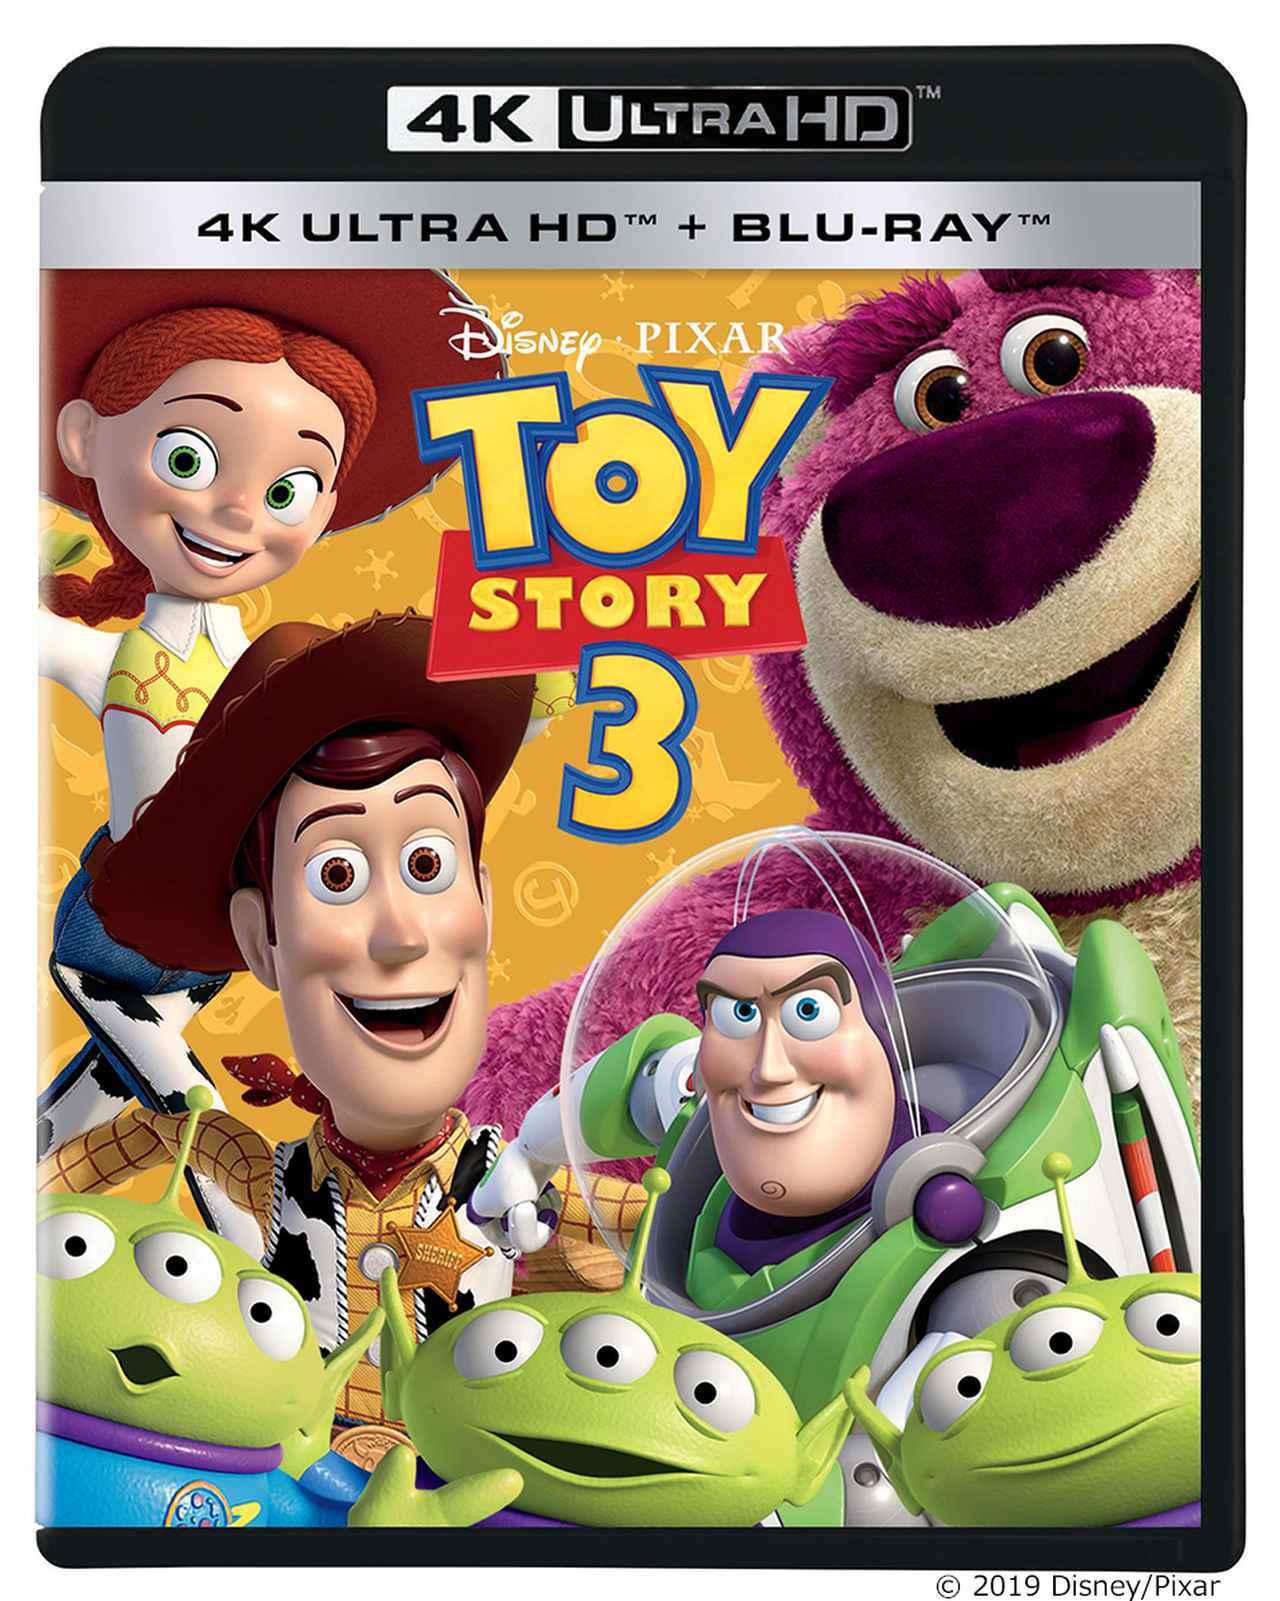 画像: 『トイ・ストーリー3 4K UHD』 ¥5,800(税別) (c)2019 Disney/Pixar